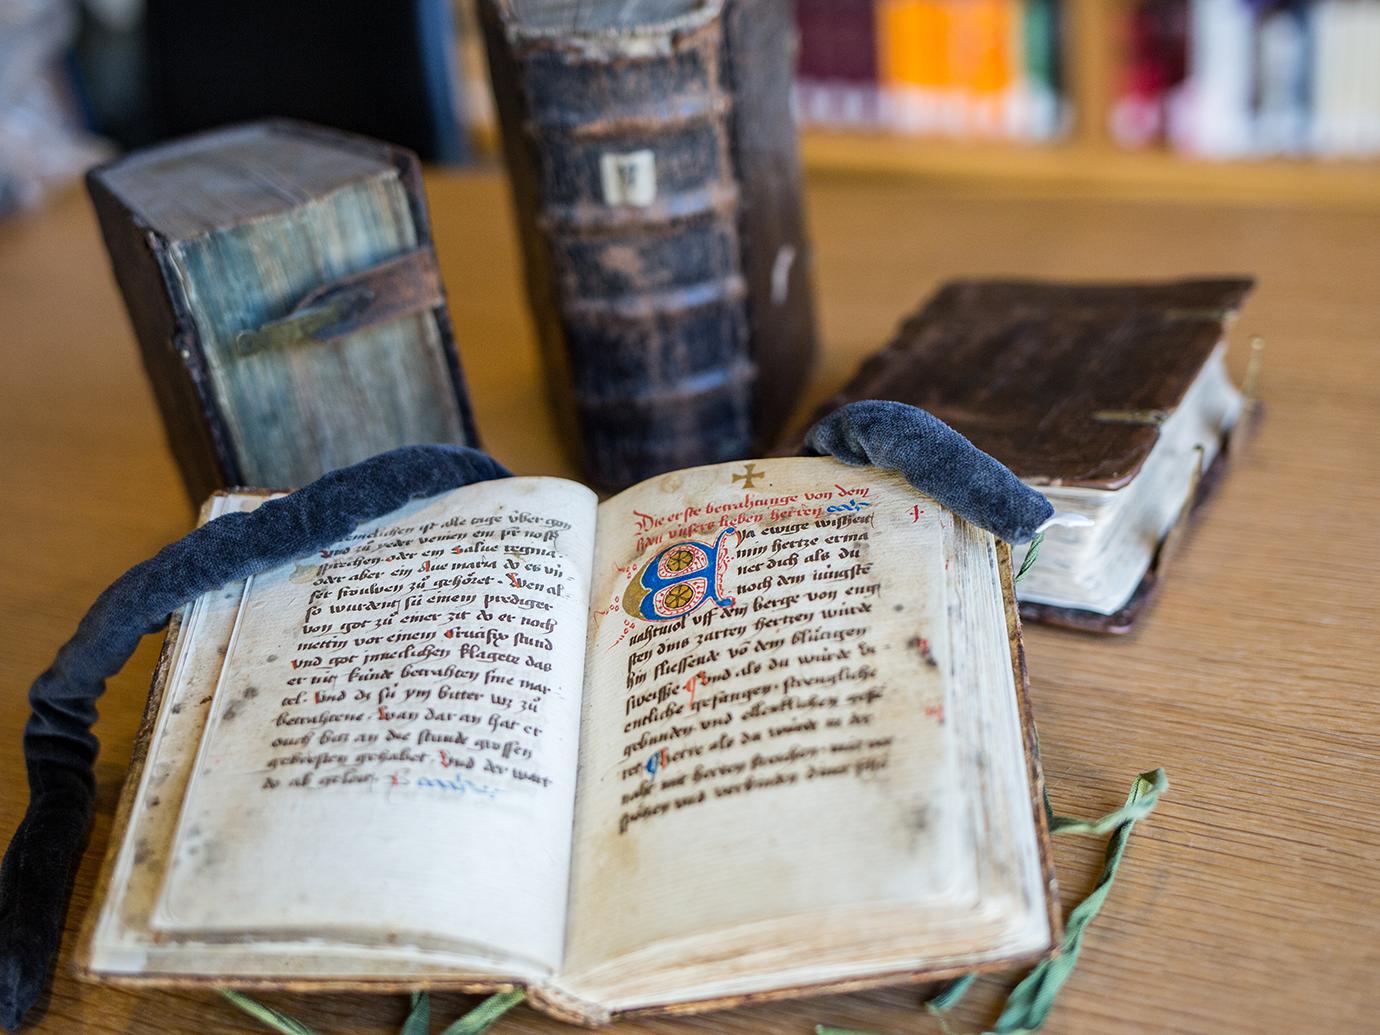 Buochmeisterinne – Handschriften aus dem Freiburger Dominikanerinnenkloster